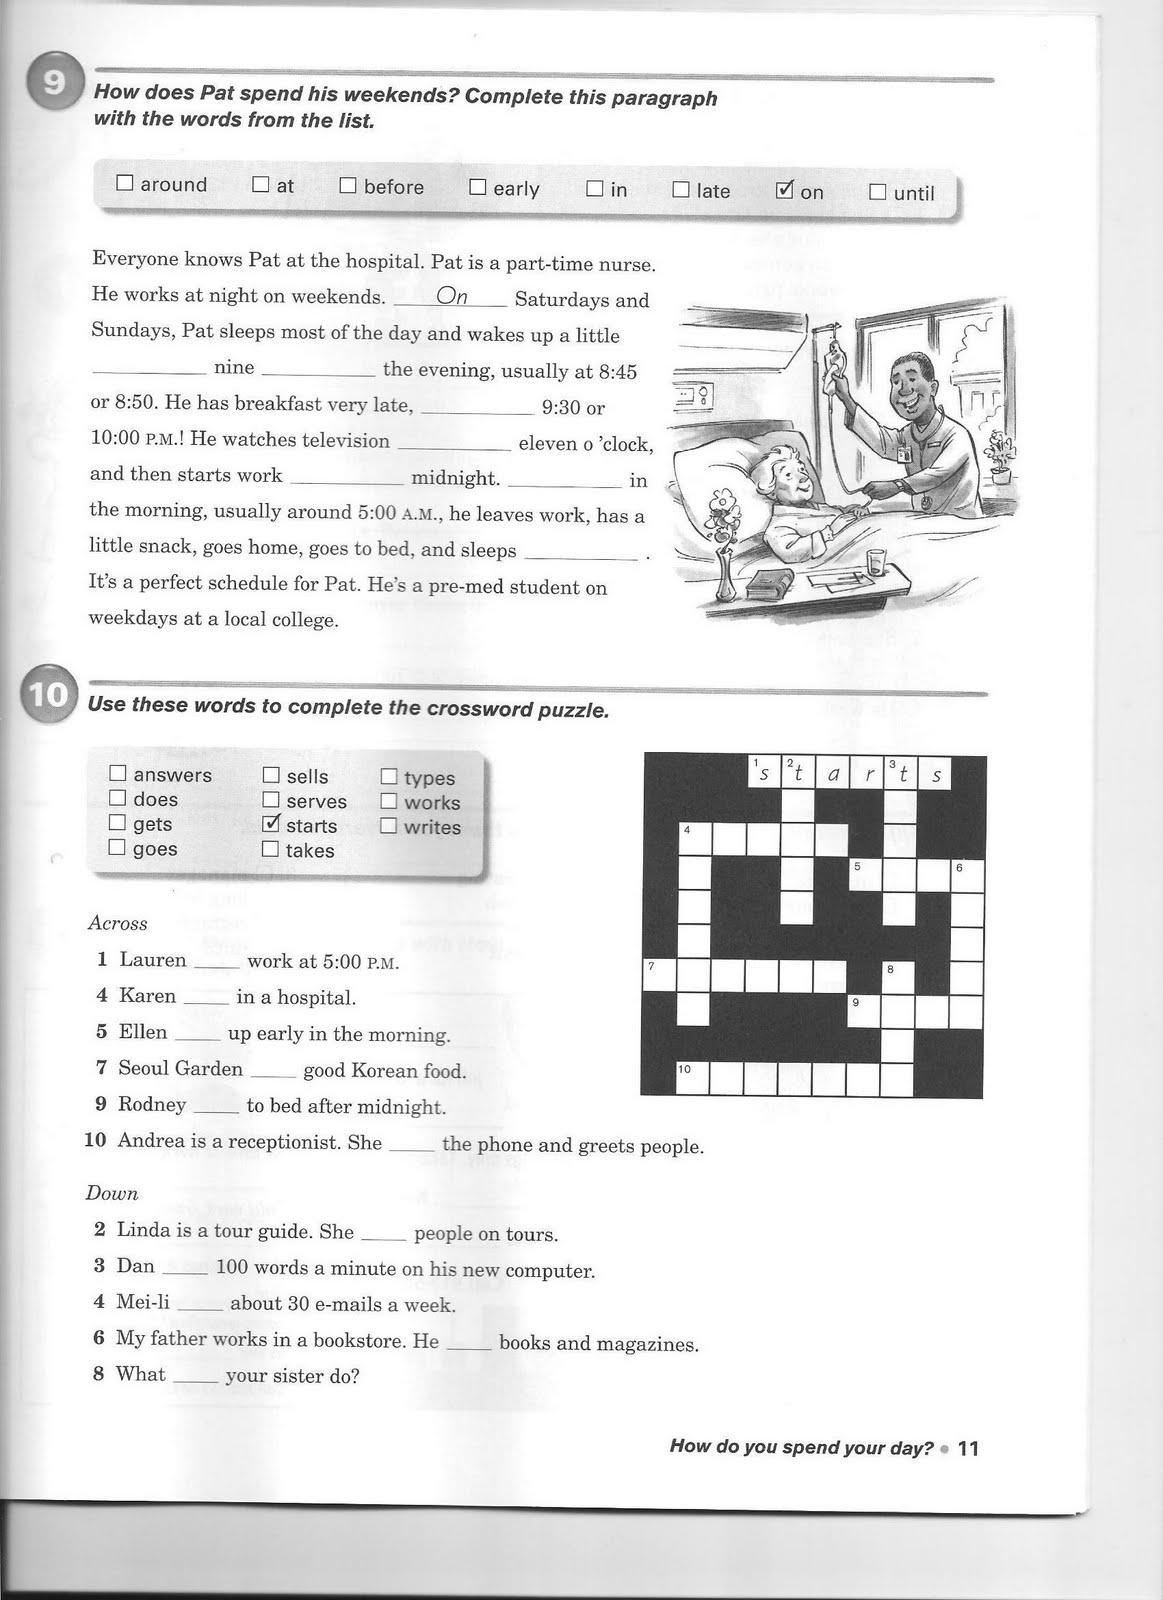 حل كتاب interchange 1 workbook